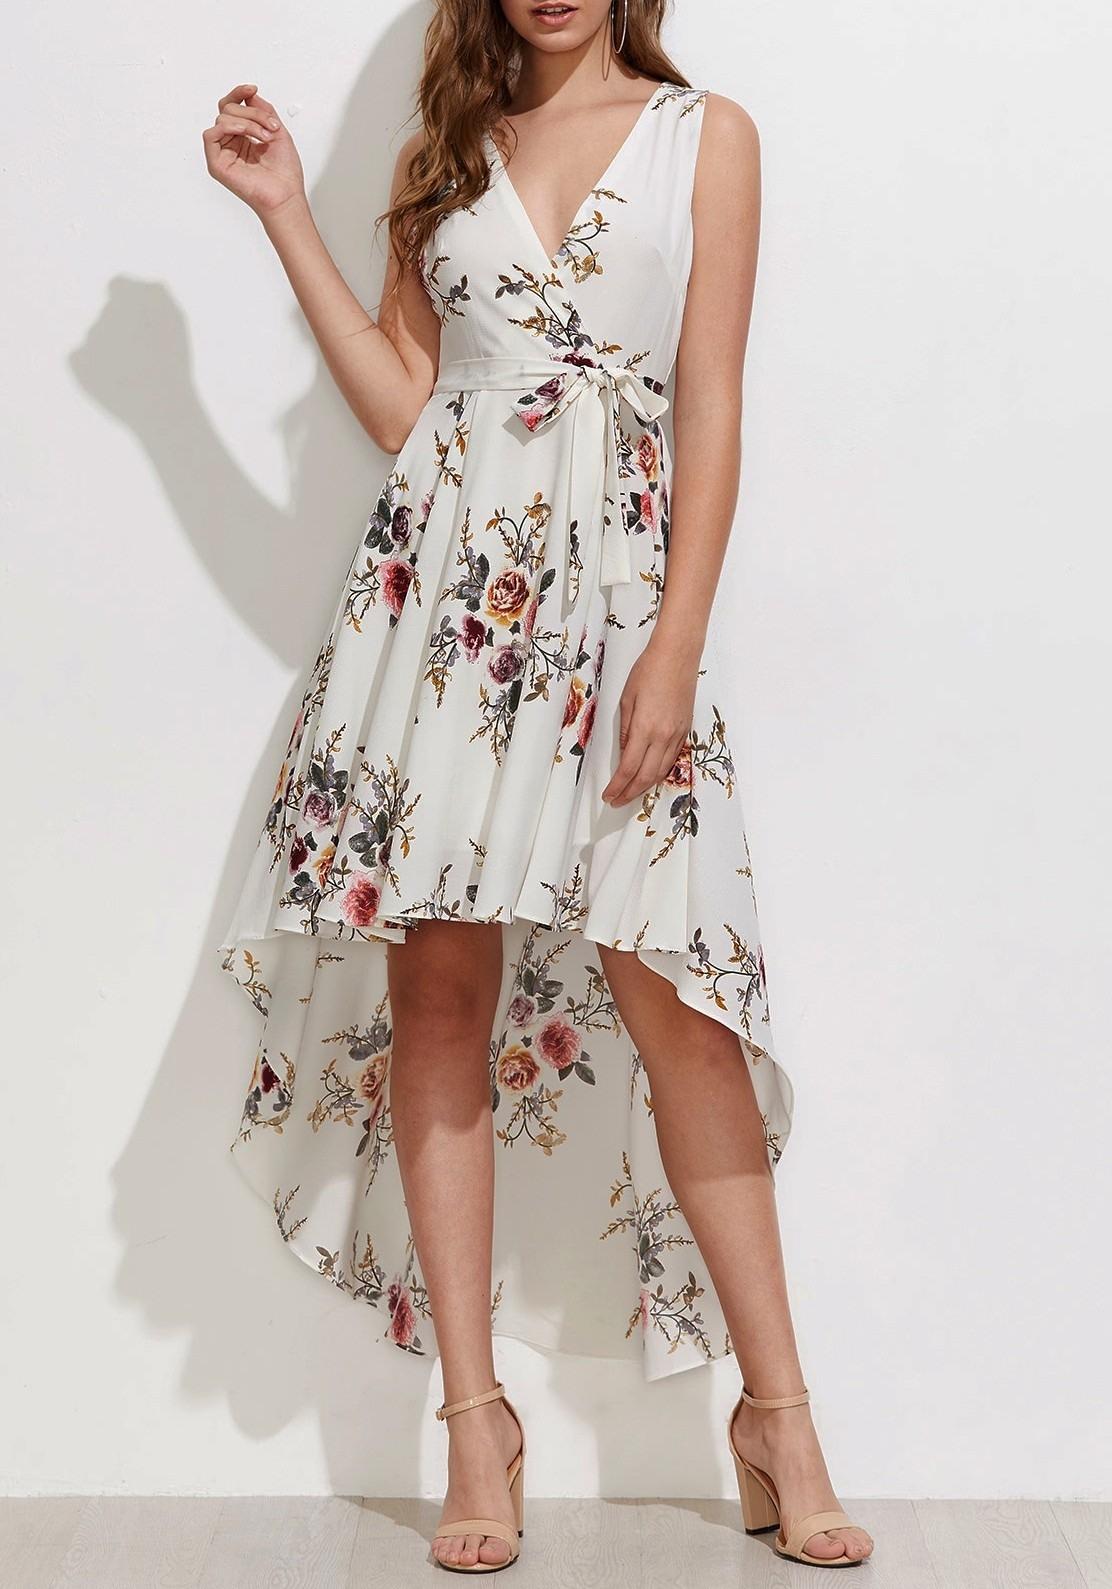 Abend Einfach Kleid Weiß Mit Blumen Ärmel10 Genial Kleid Weiß Mit Blumen für 2019